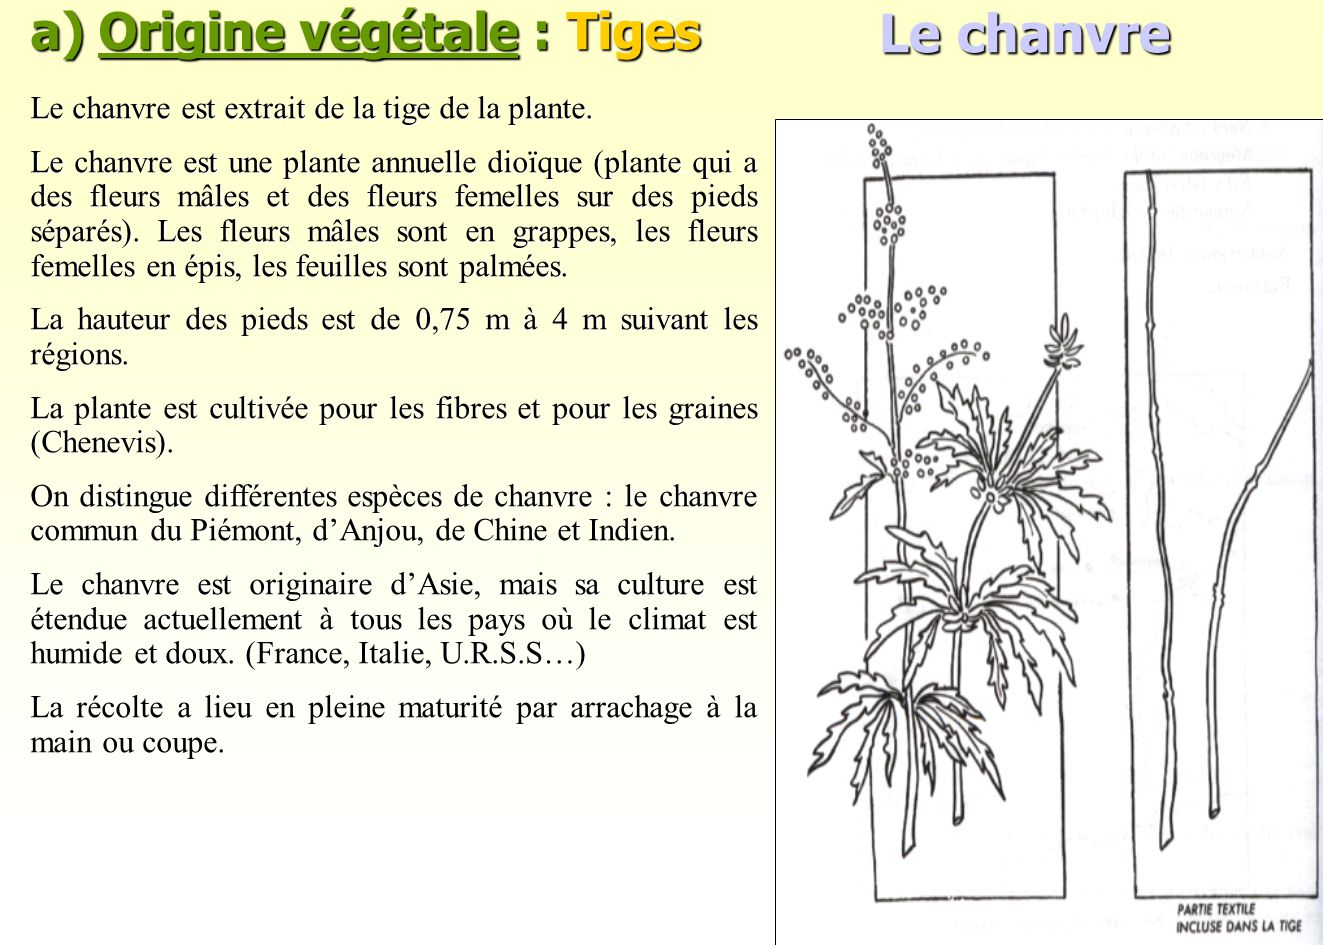 Le chanvre a) Origine végétale : Tiges